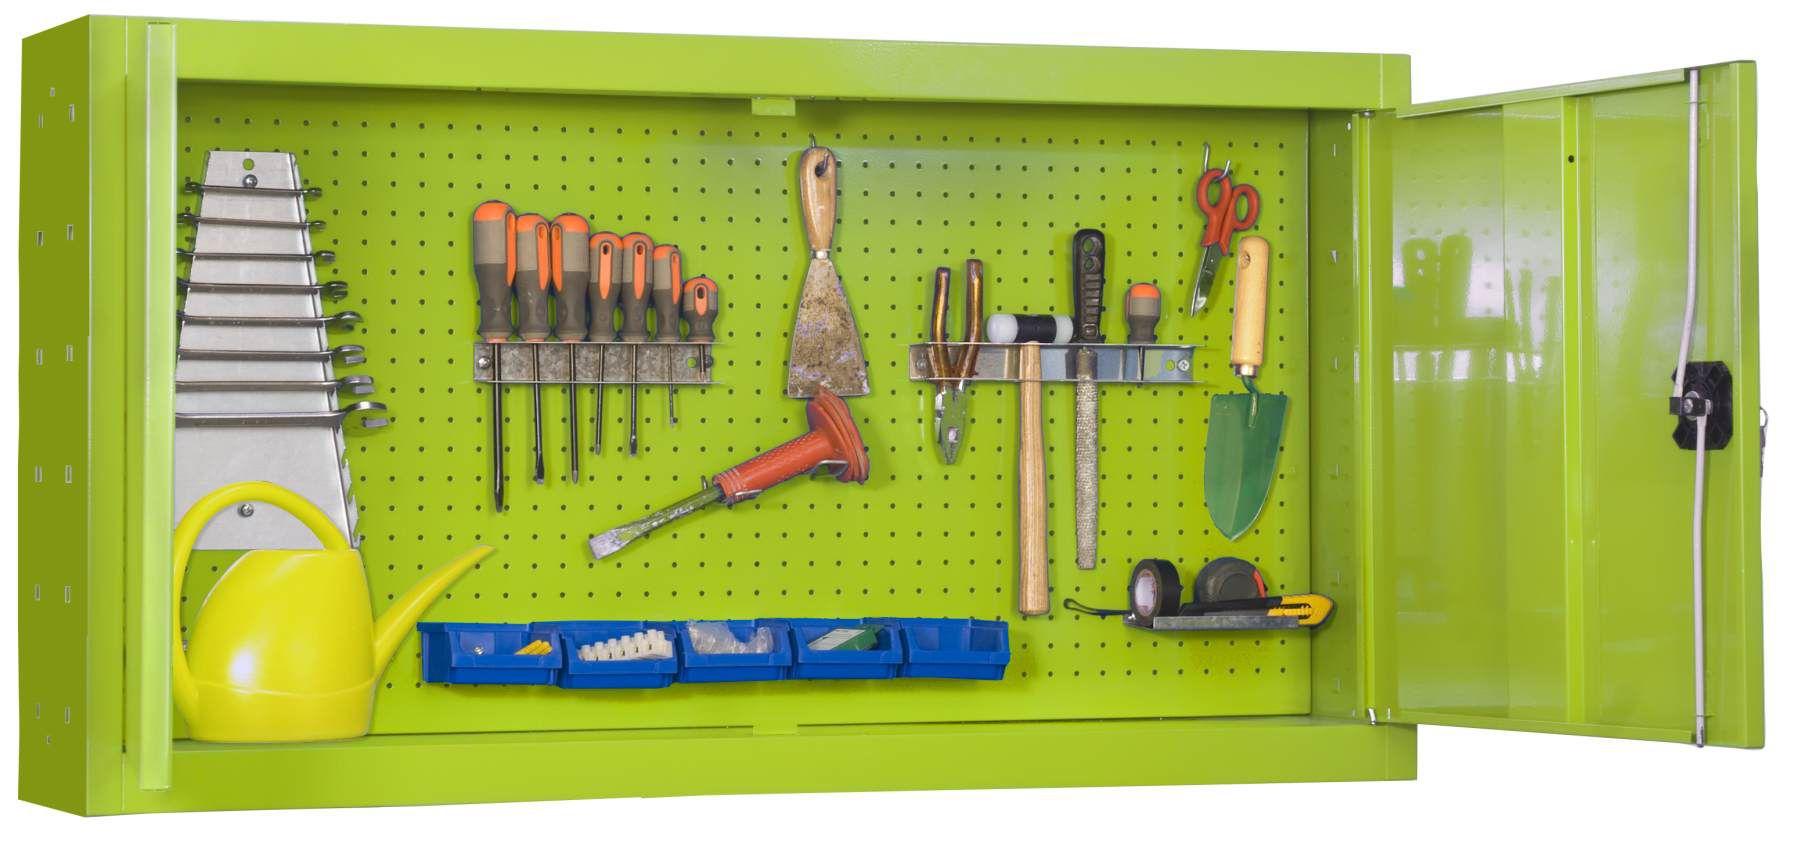 Werkzeugschrank Gartenschrank  900, Maße: 67,50 x 90 x 23 cm (H x B x T), Traglast: 75 kg mit Lochwand